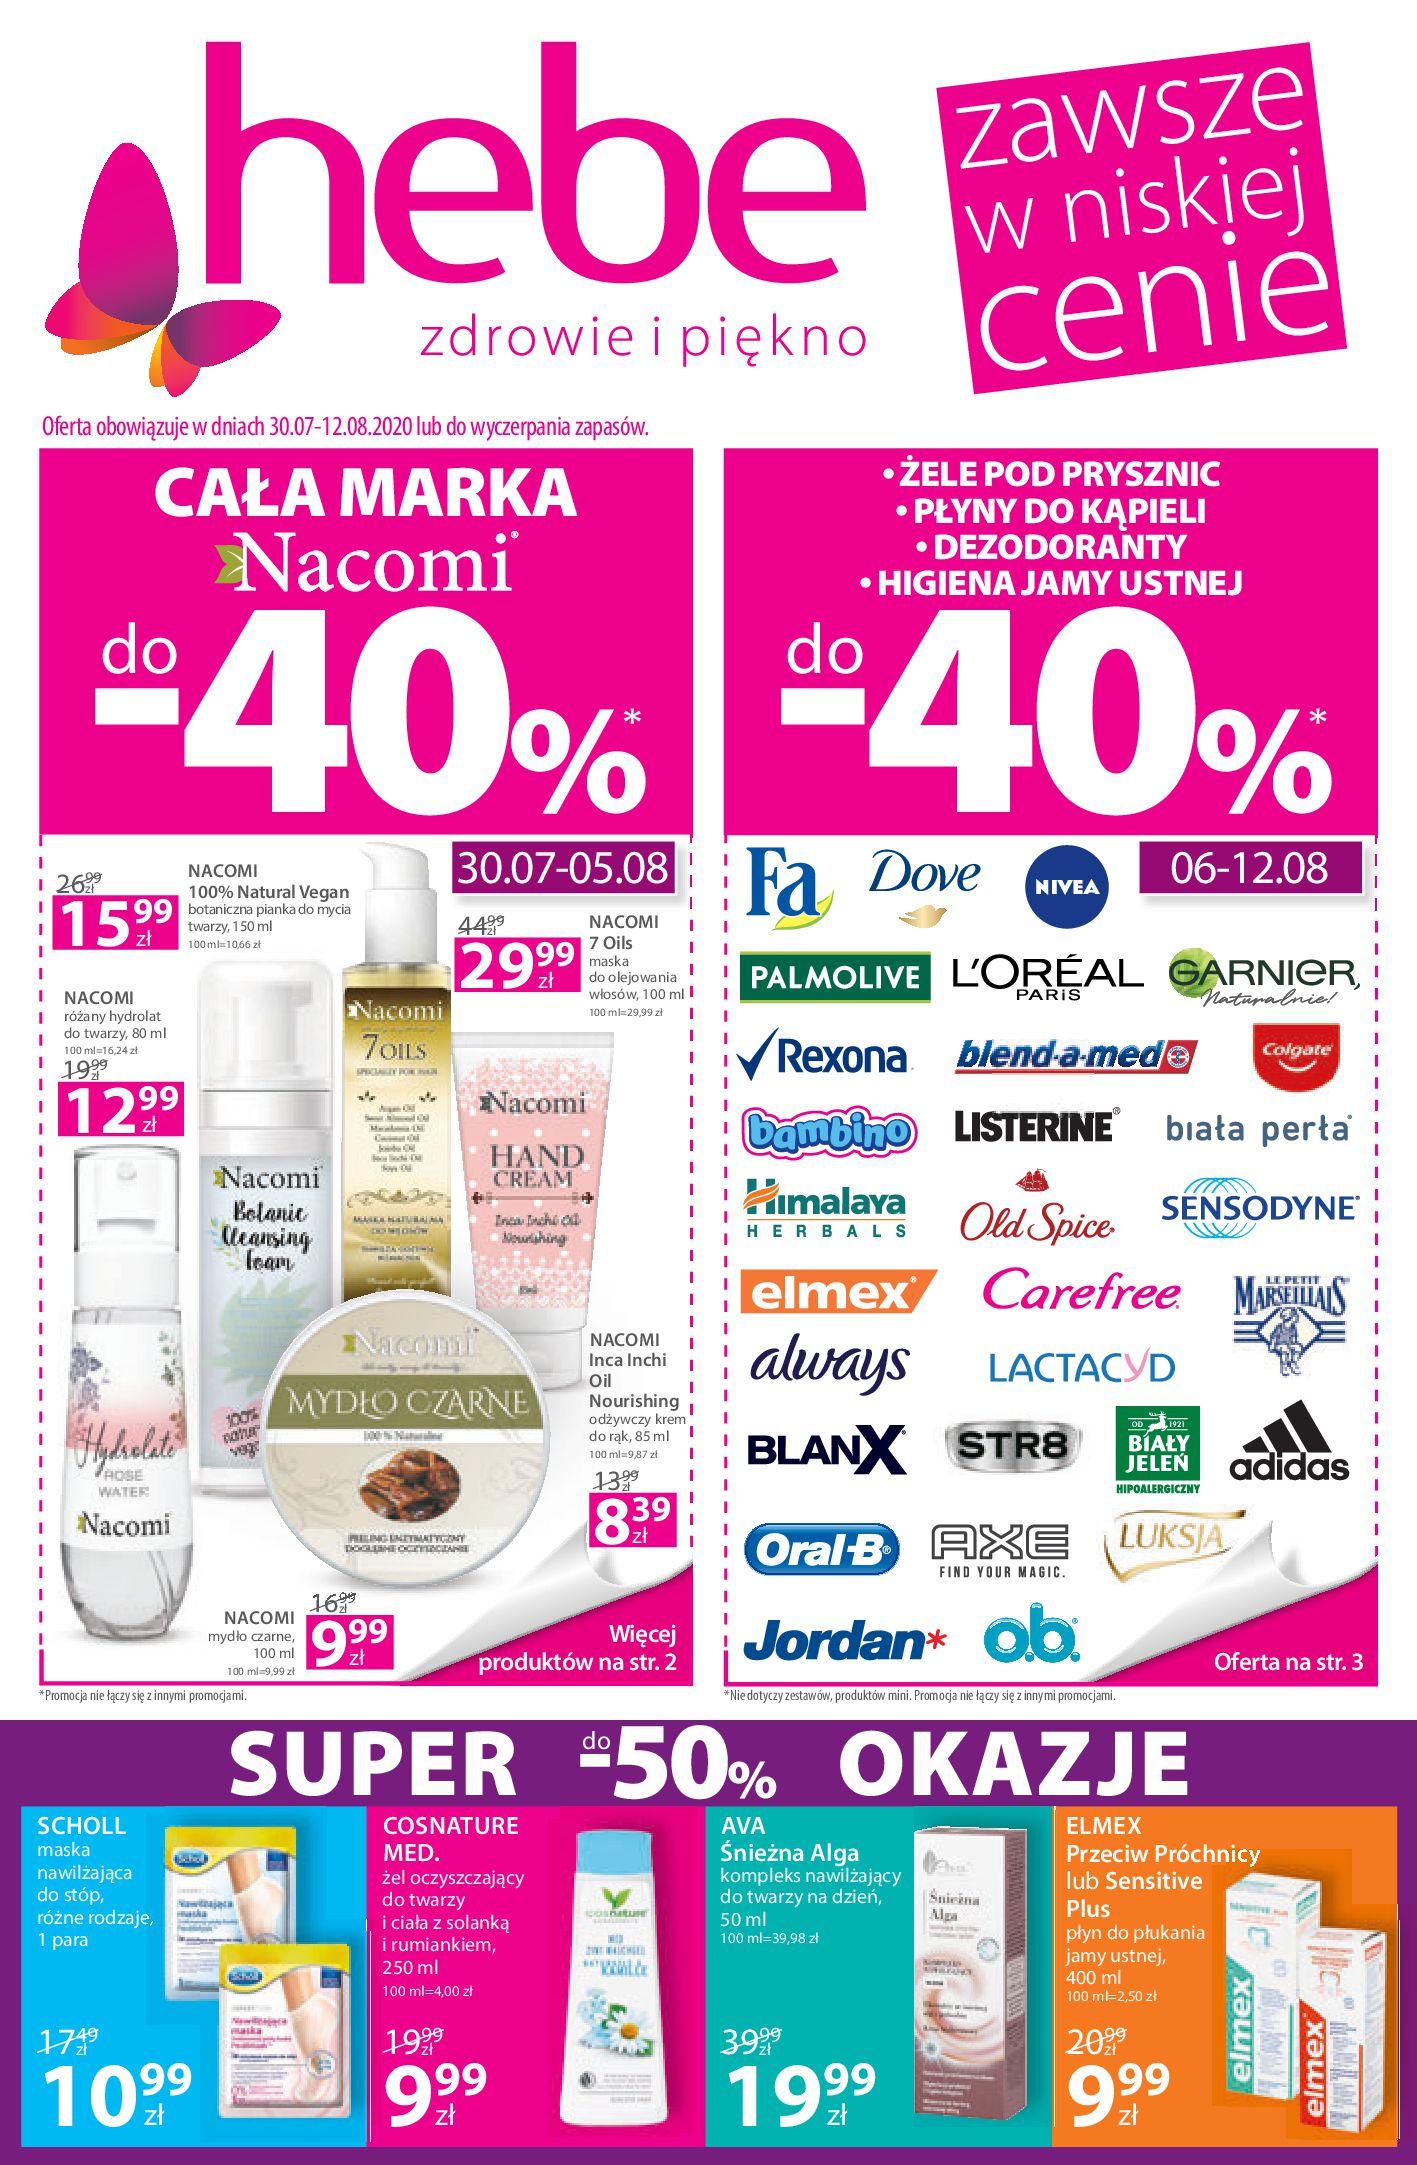 Gazetka hebe - Gazetka promocyjna-29.07.2020-12.08.2020-page-1